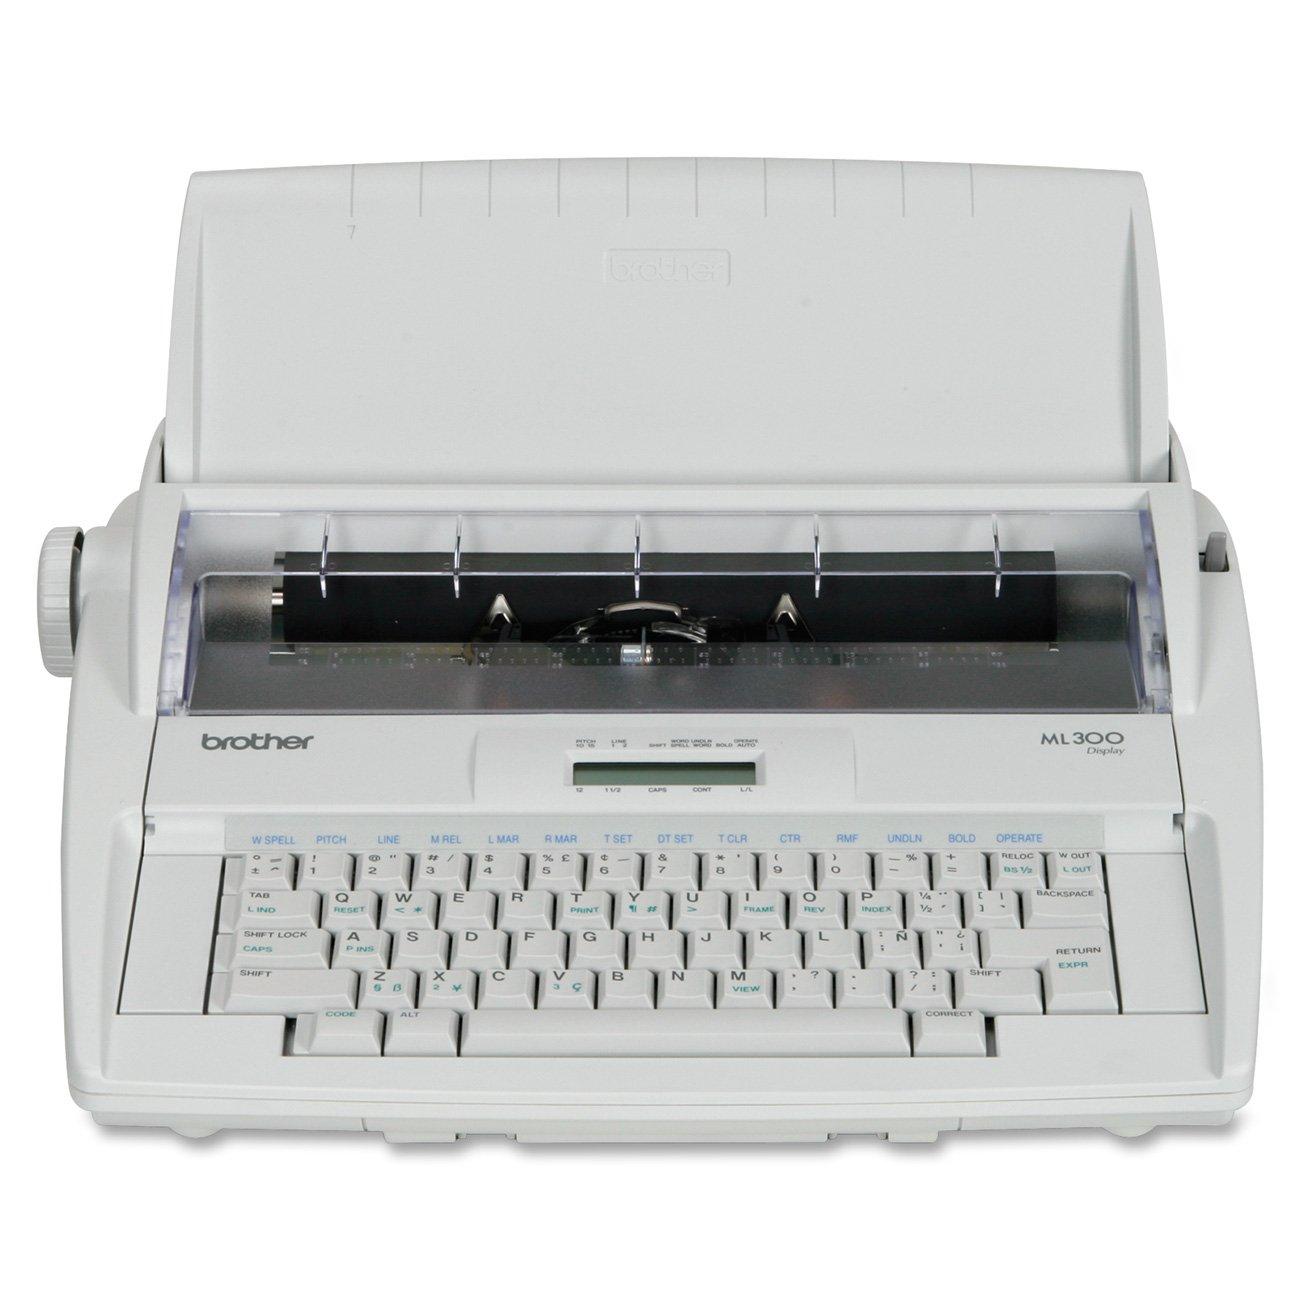 Amazon.com : Brother ML-300 Electronic Display Typewriter - Retail  Packaging : Electric Typewriter : Electronics